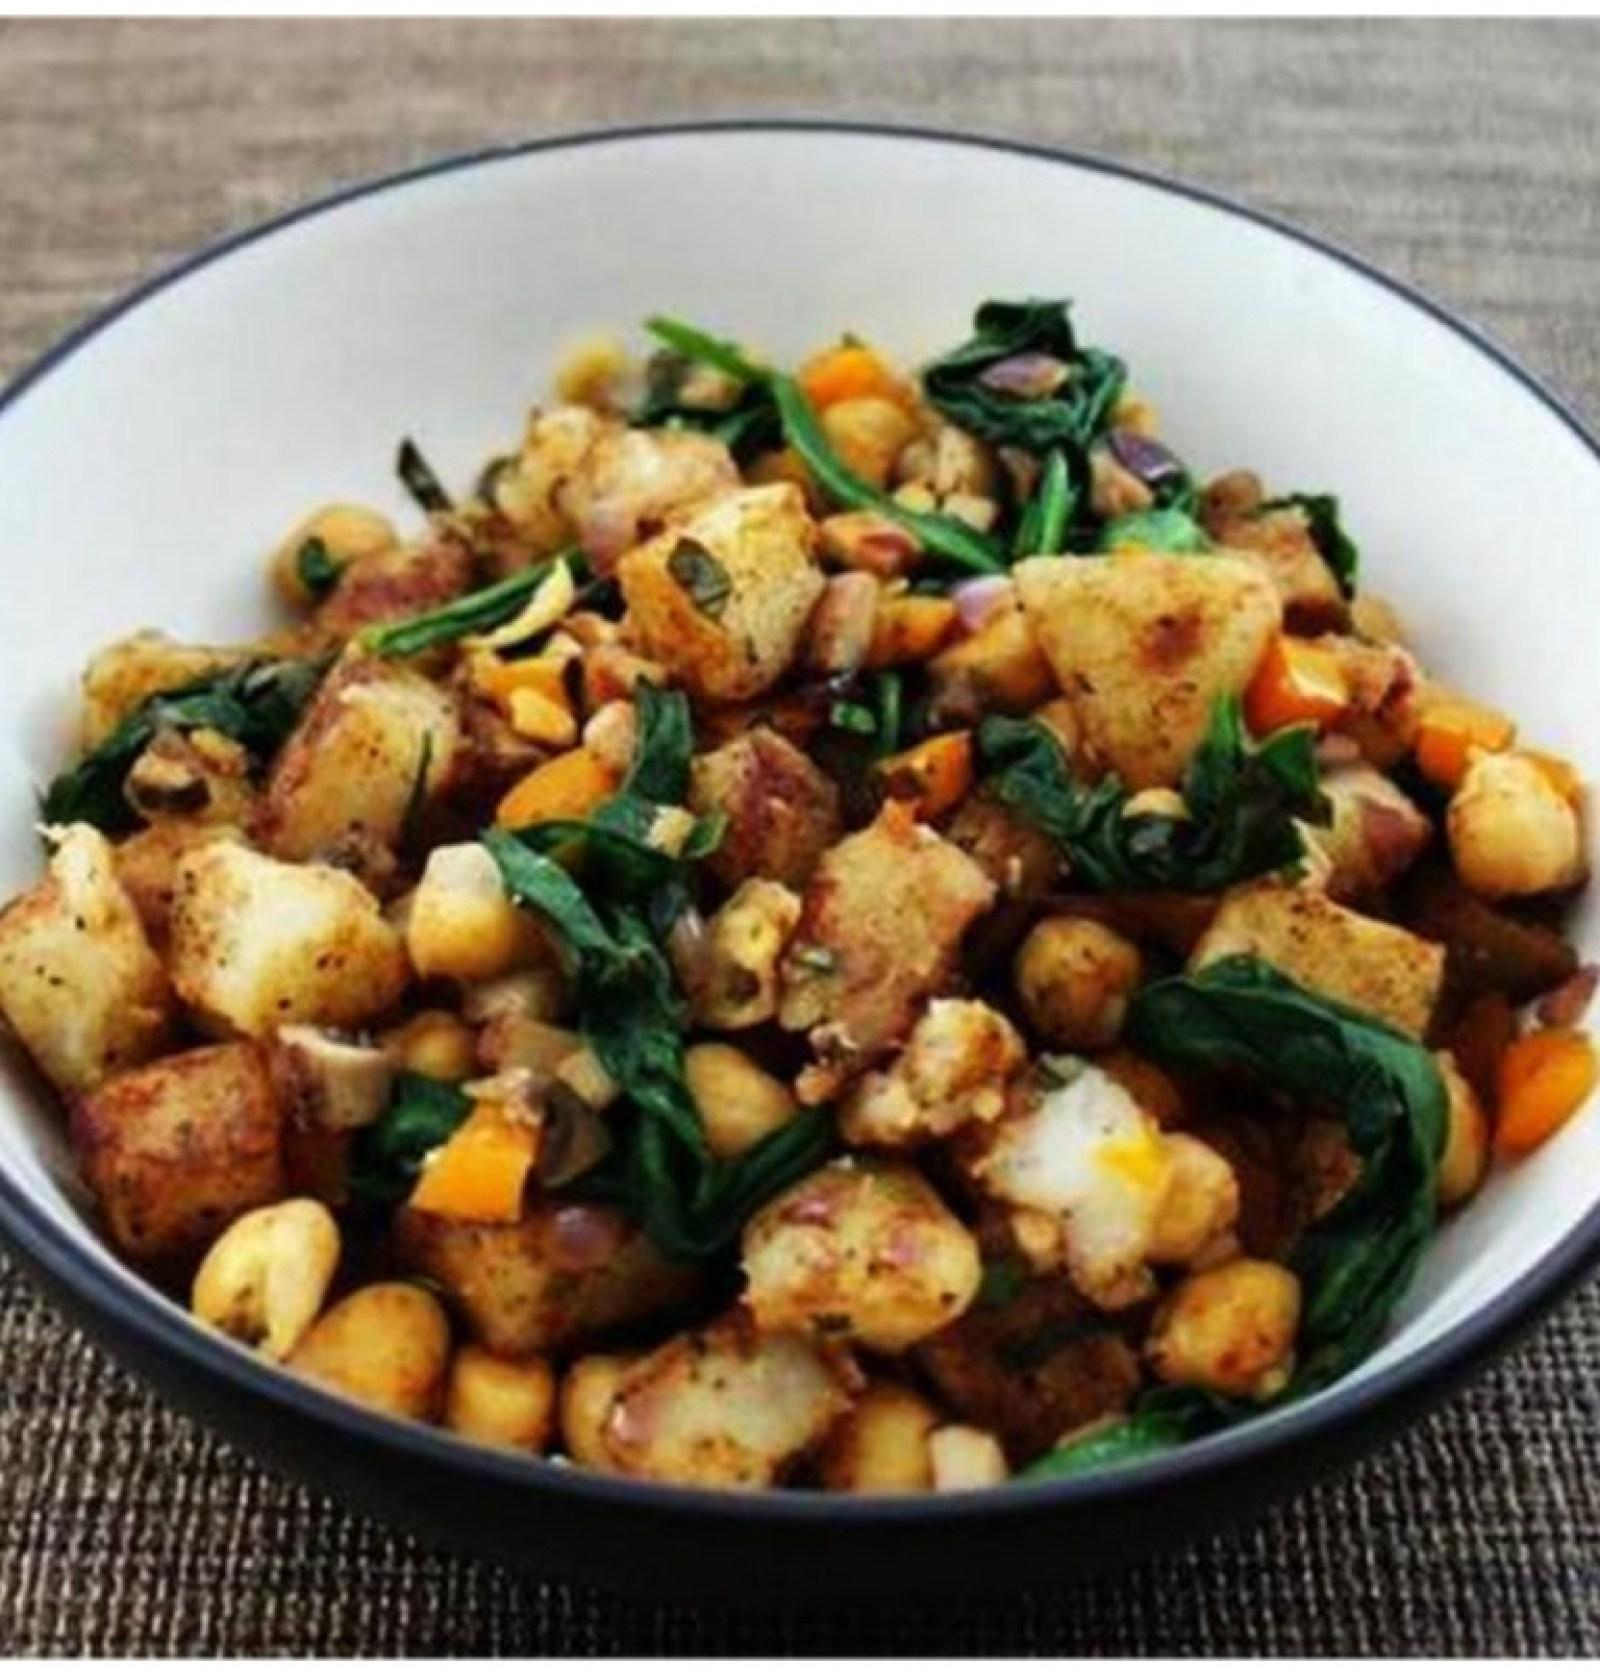 Warm-Potato-Salad-21-e1397103353159-768x800